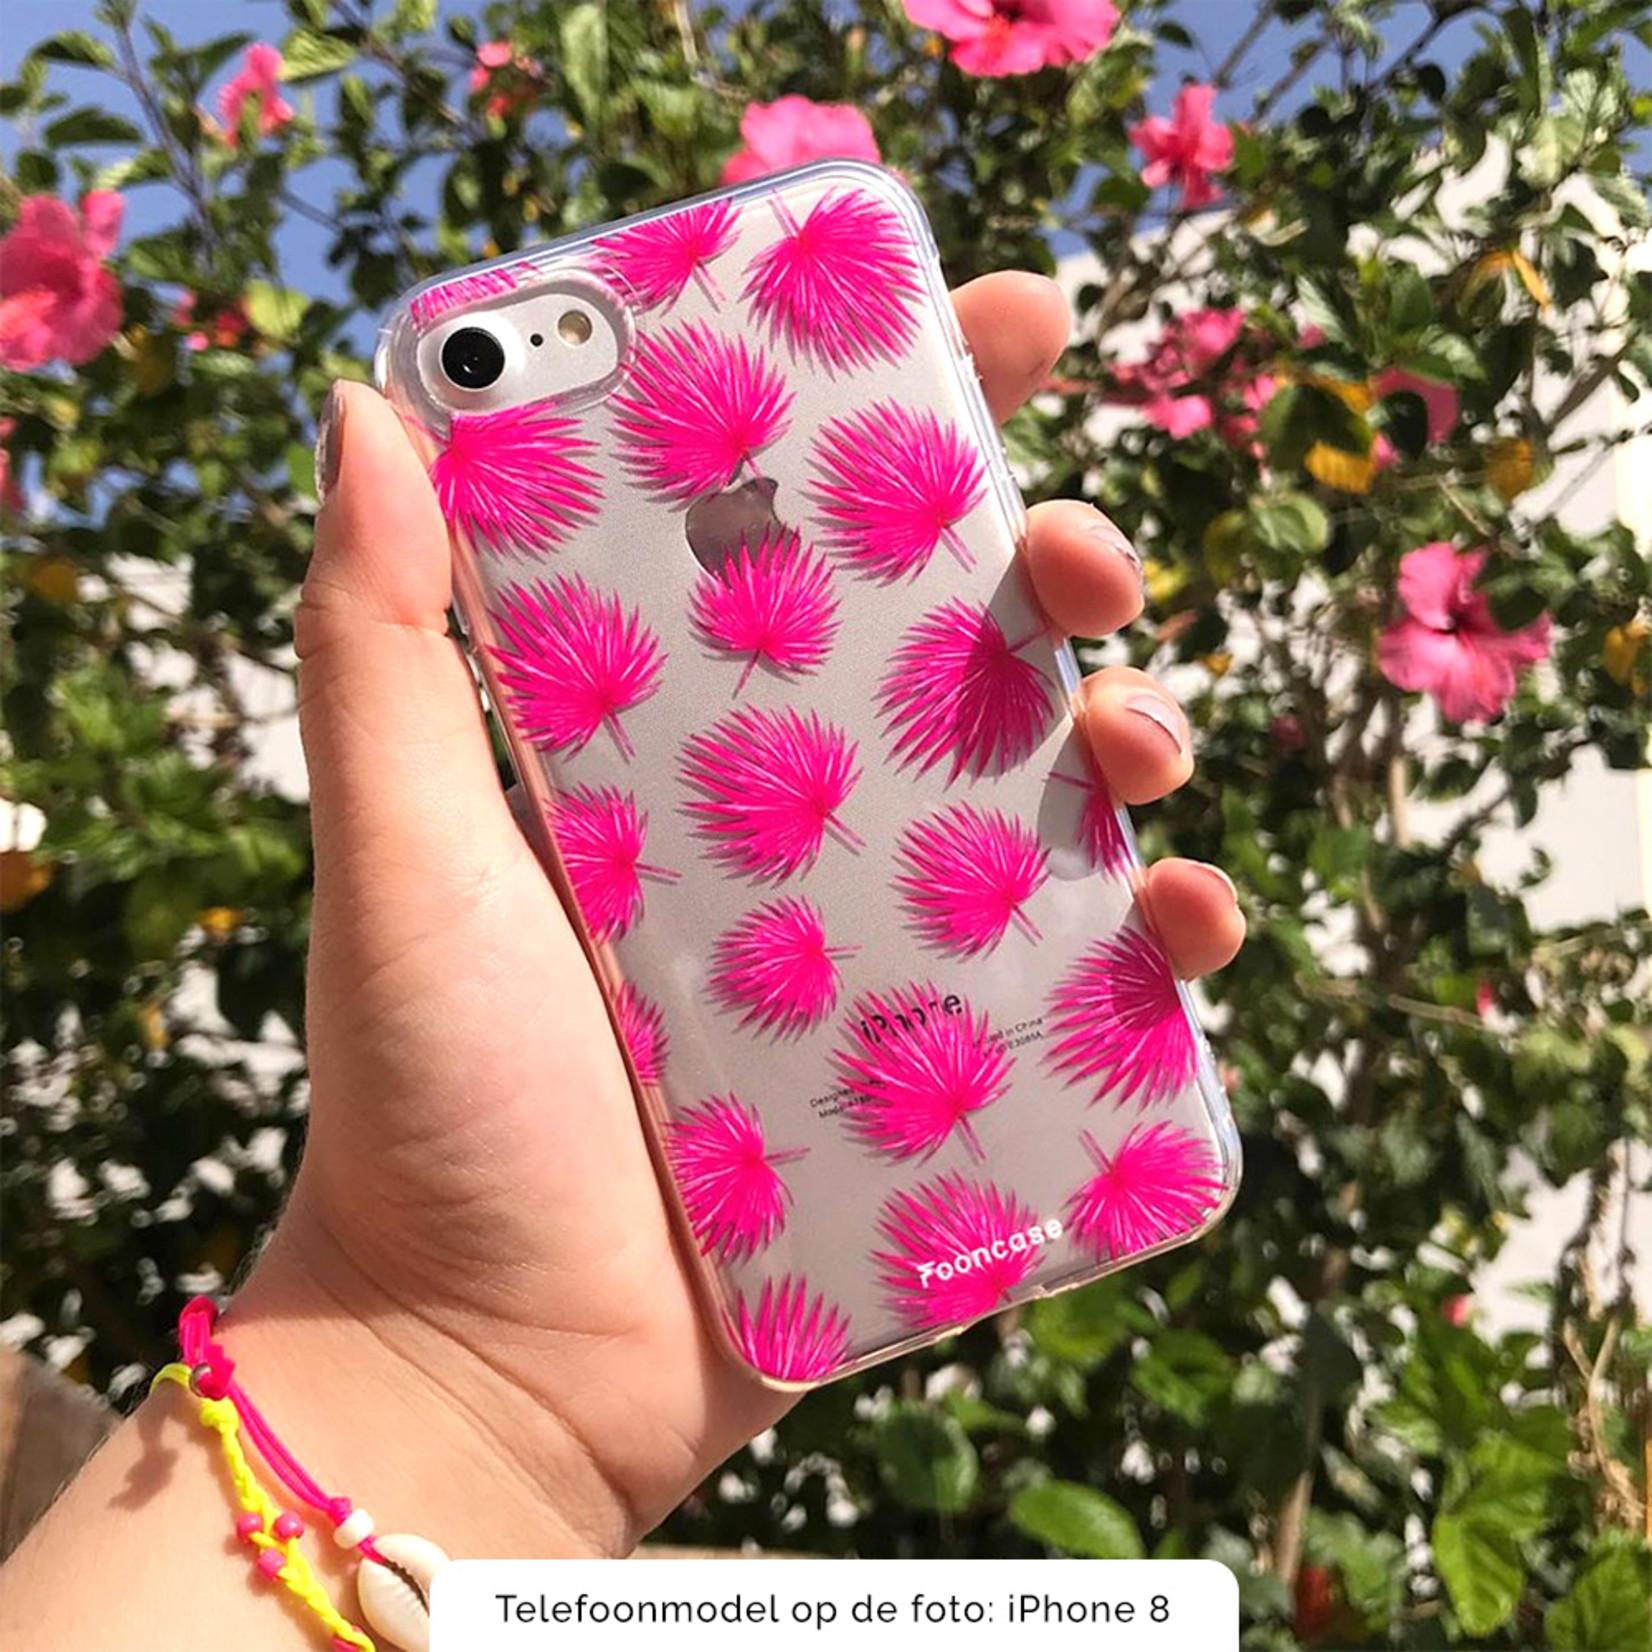 FOONCASE Huawei P30 Pro Handyhülle - Rosa Blätter